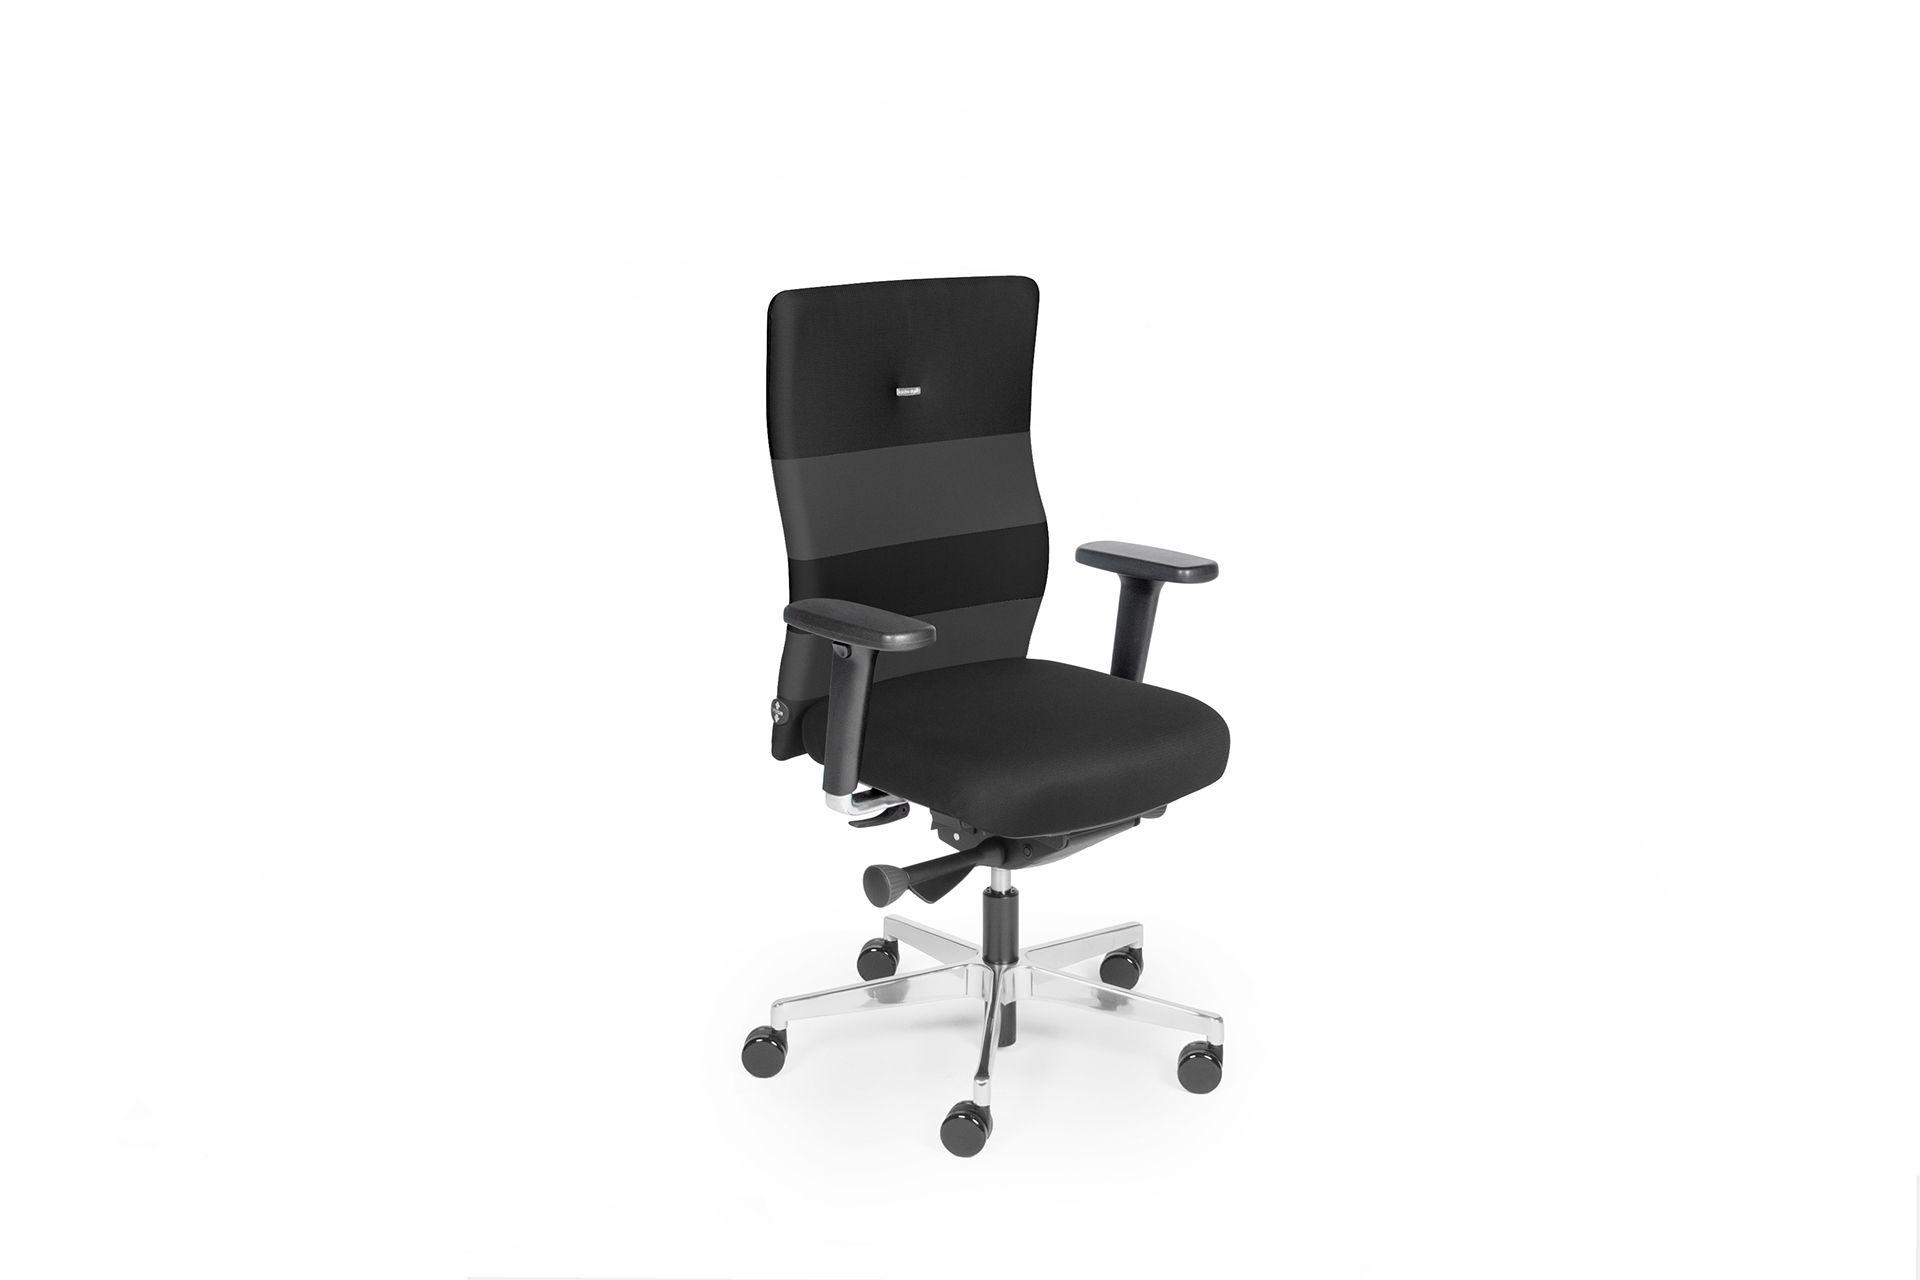 Lento Bürostühle apfelfrische für s büro der ergonomische bürostuhl agilis in uptown